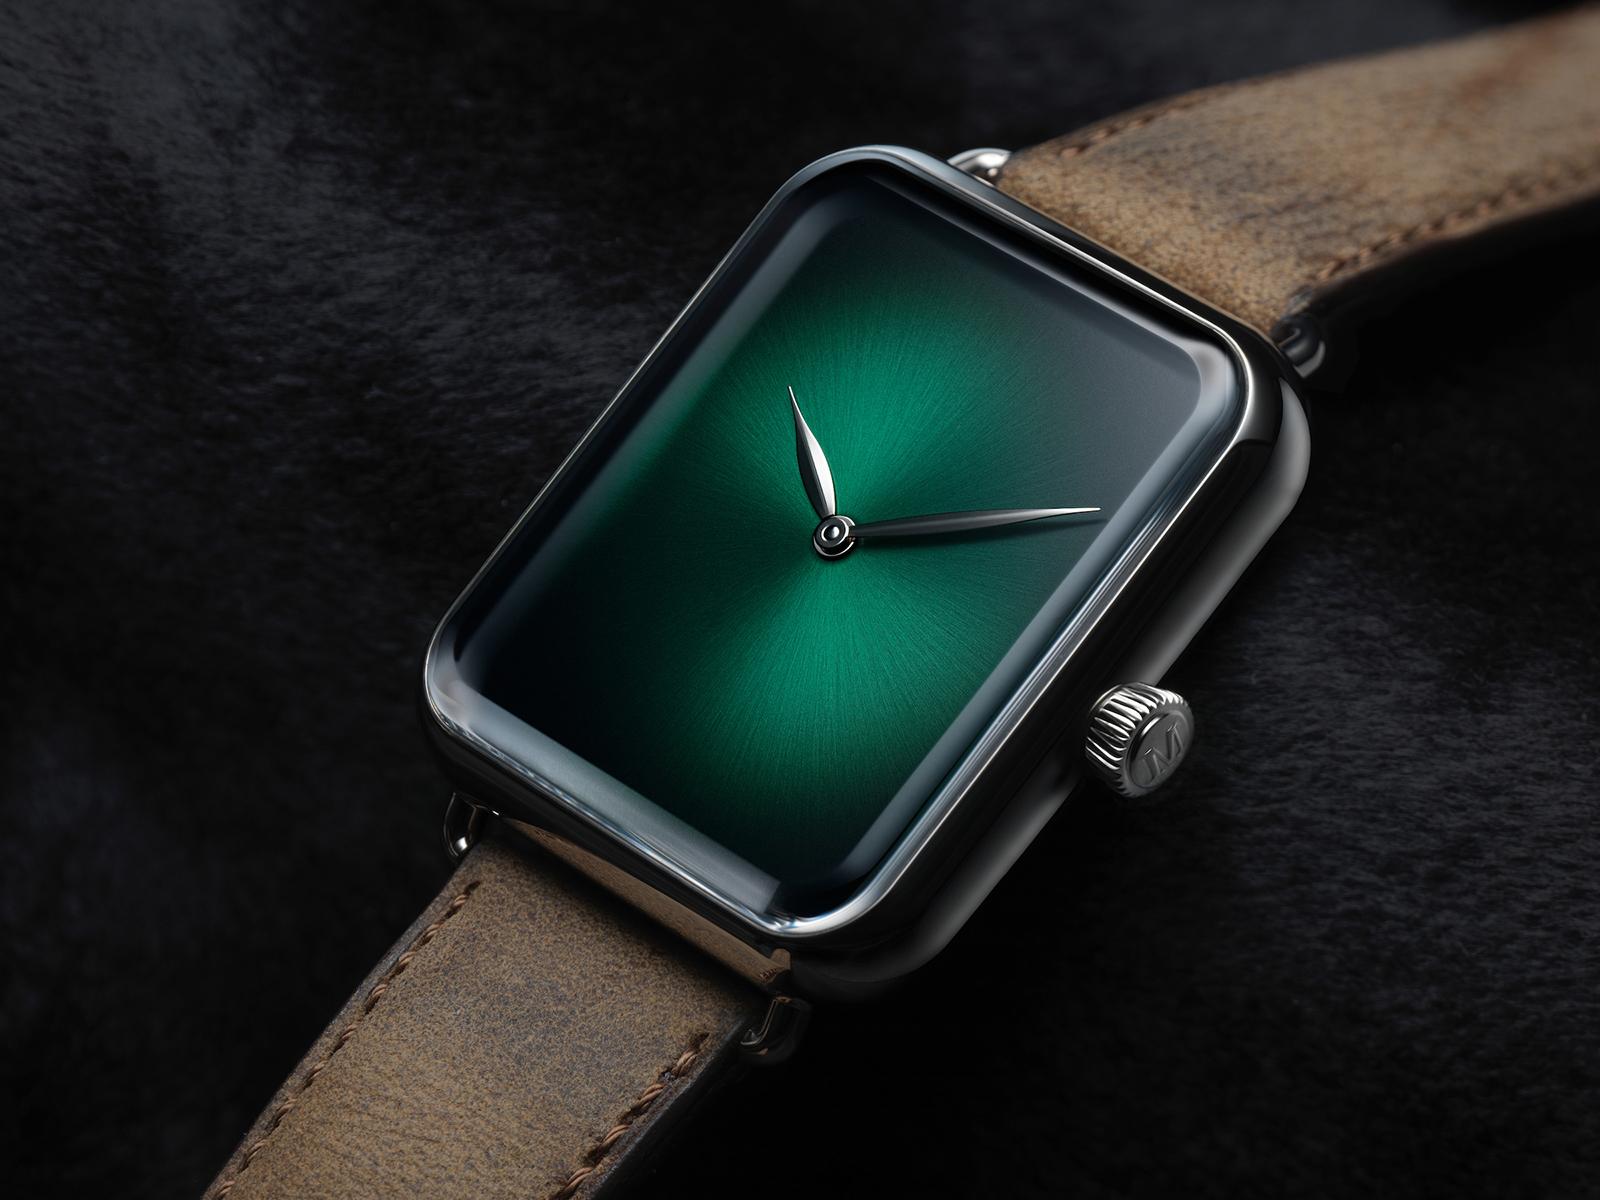 H. Moser & Cie. Swiss Alp Concept Watch Cosmic Green